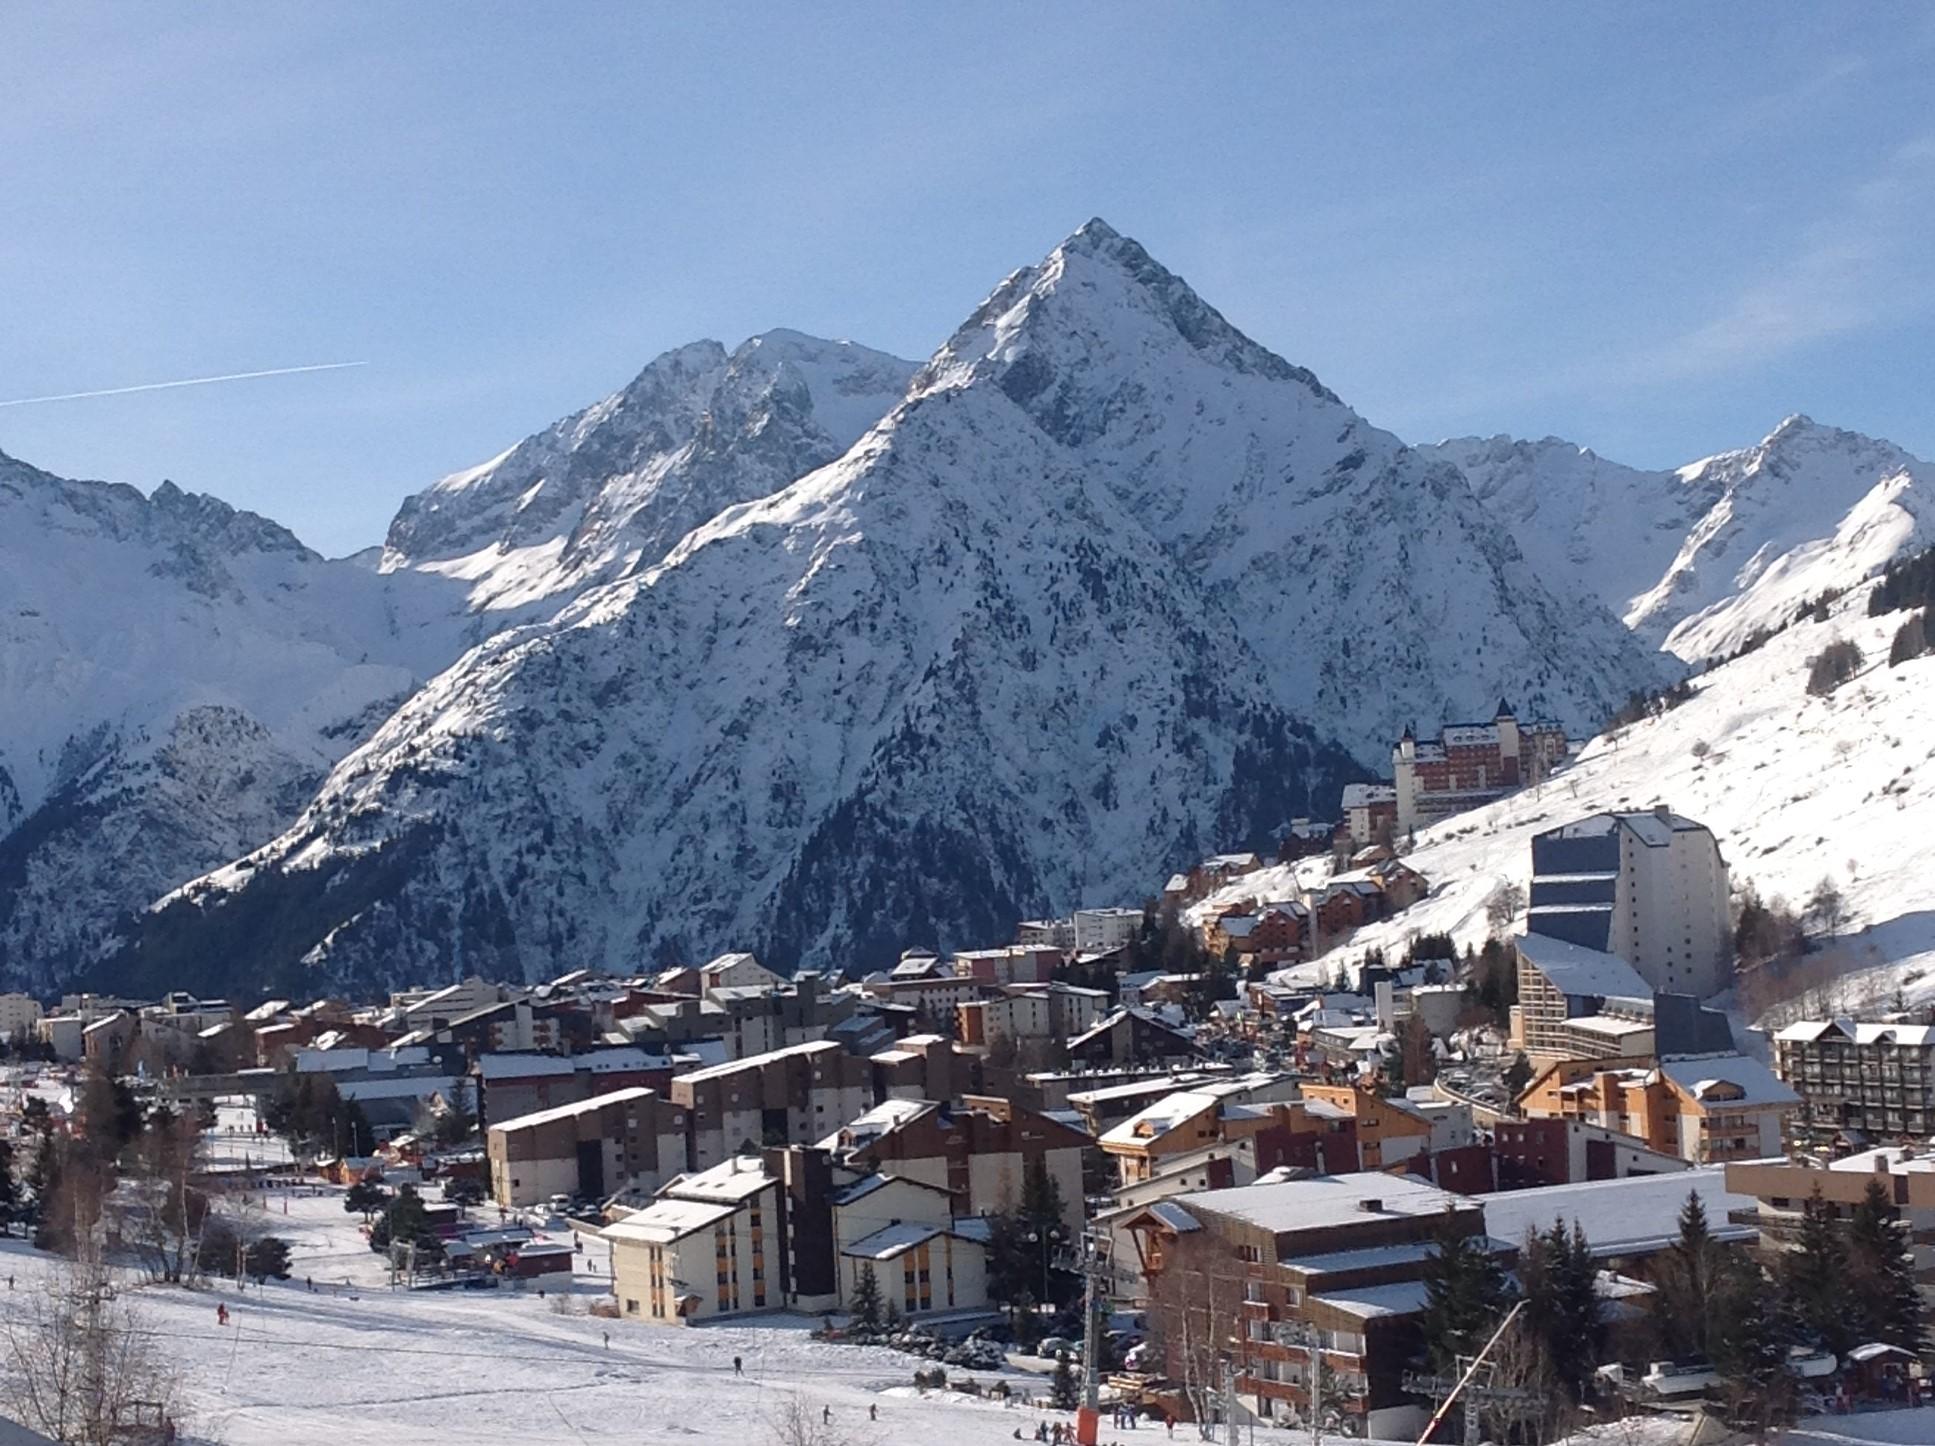 location appartement chalet les 2 alpes 10 personnes station de ski Massif de la Muzelle neige hiver